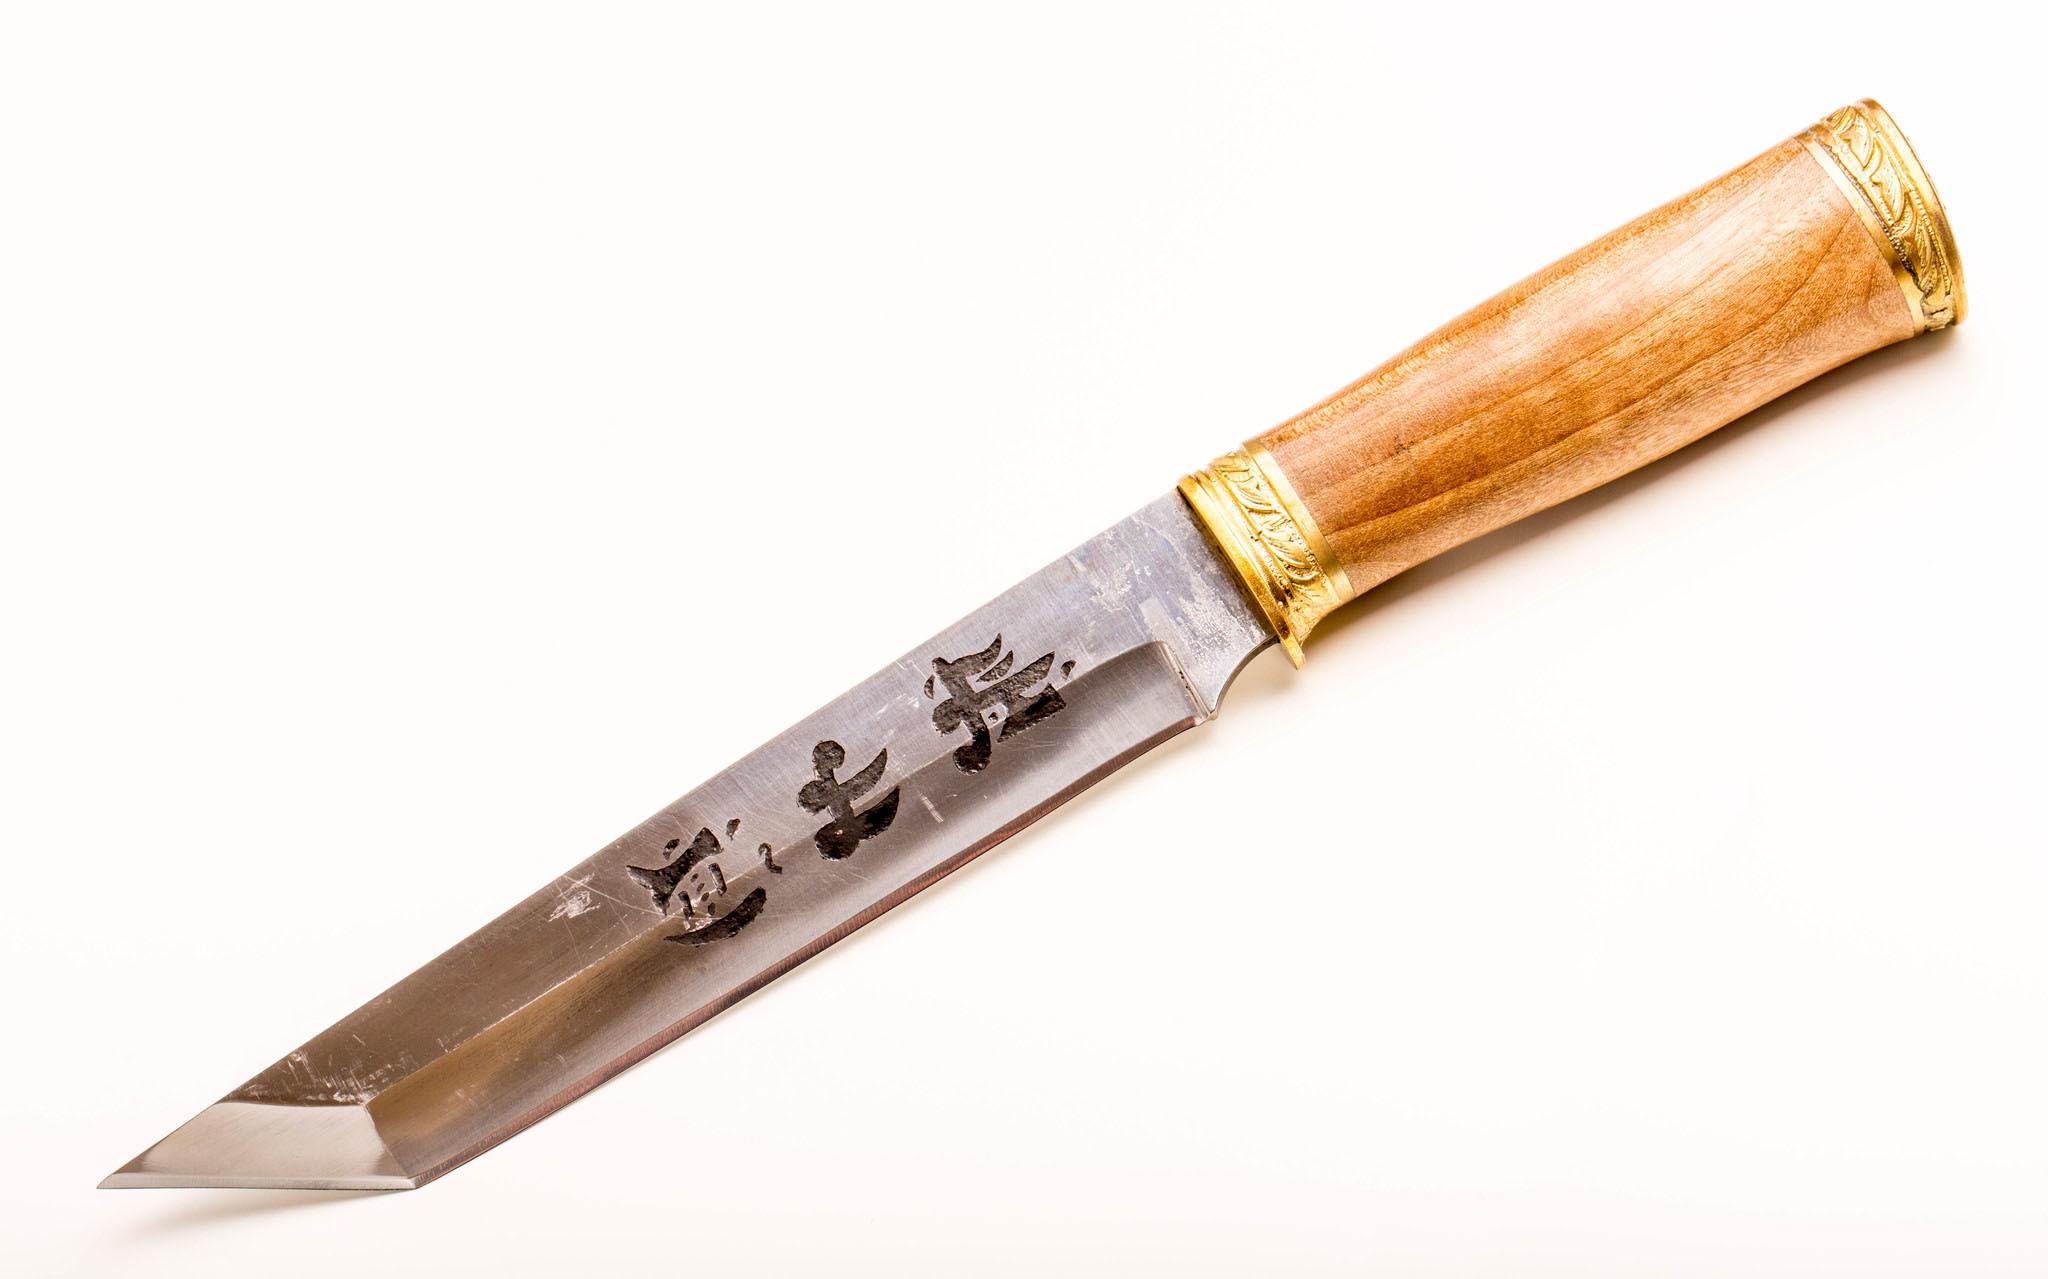 Нож Самурай, Кизляр СТО, сталь 65х13, орех, латунь